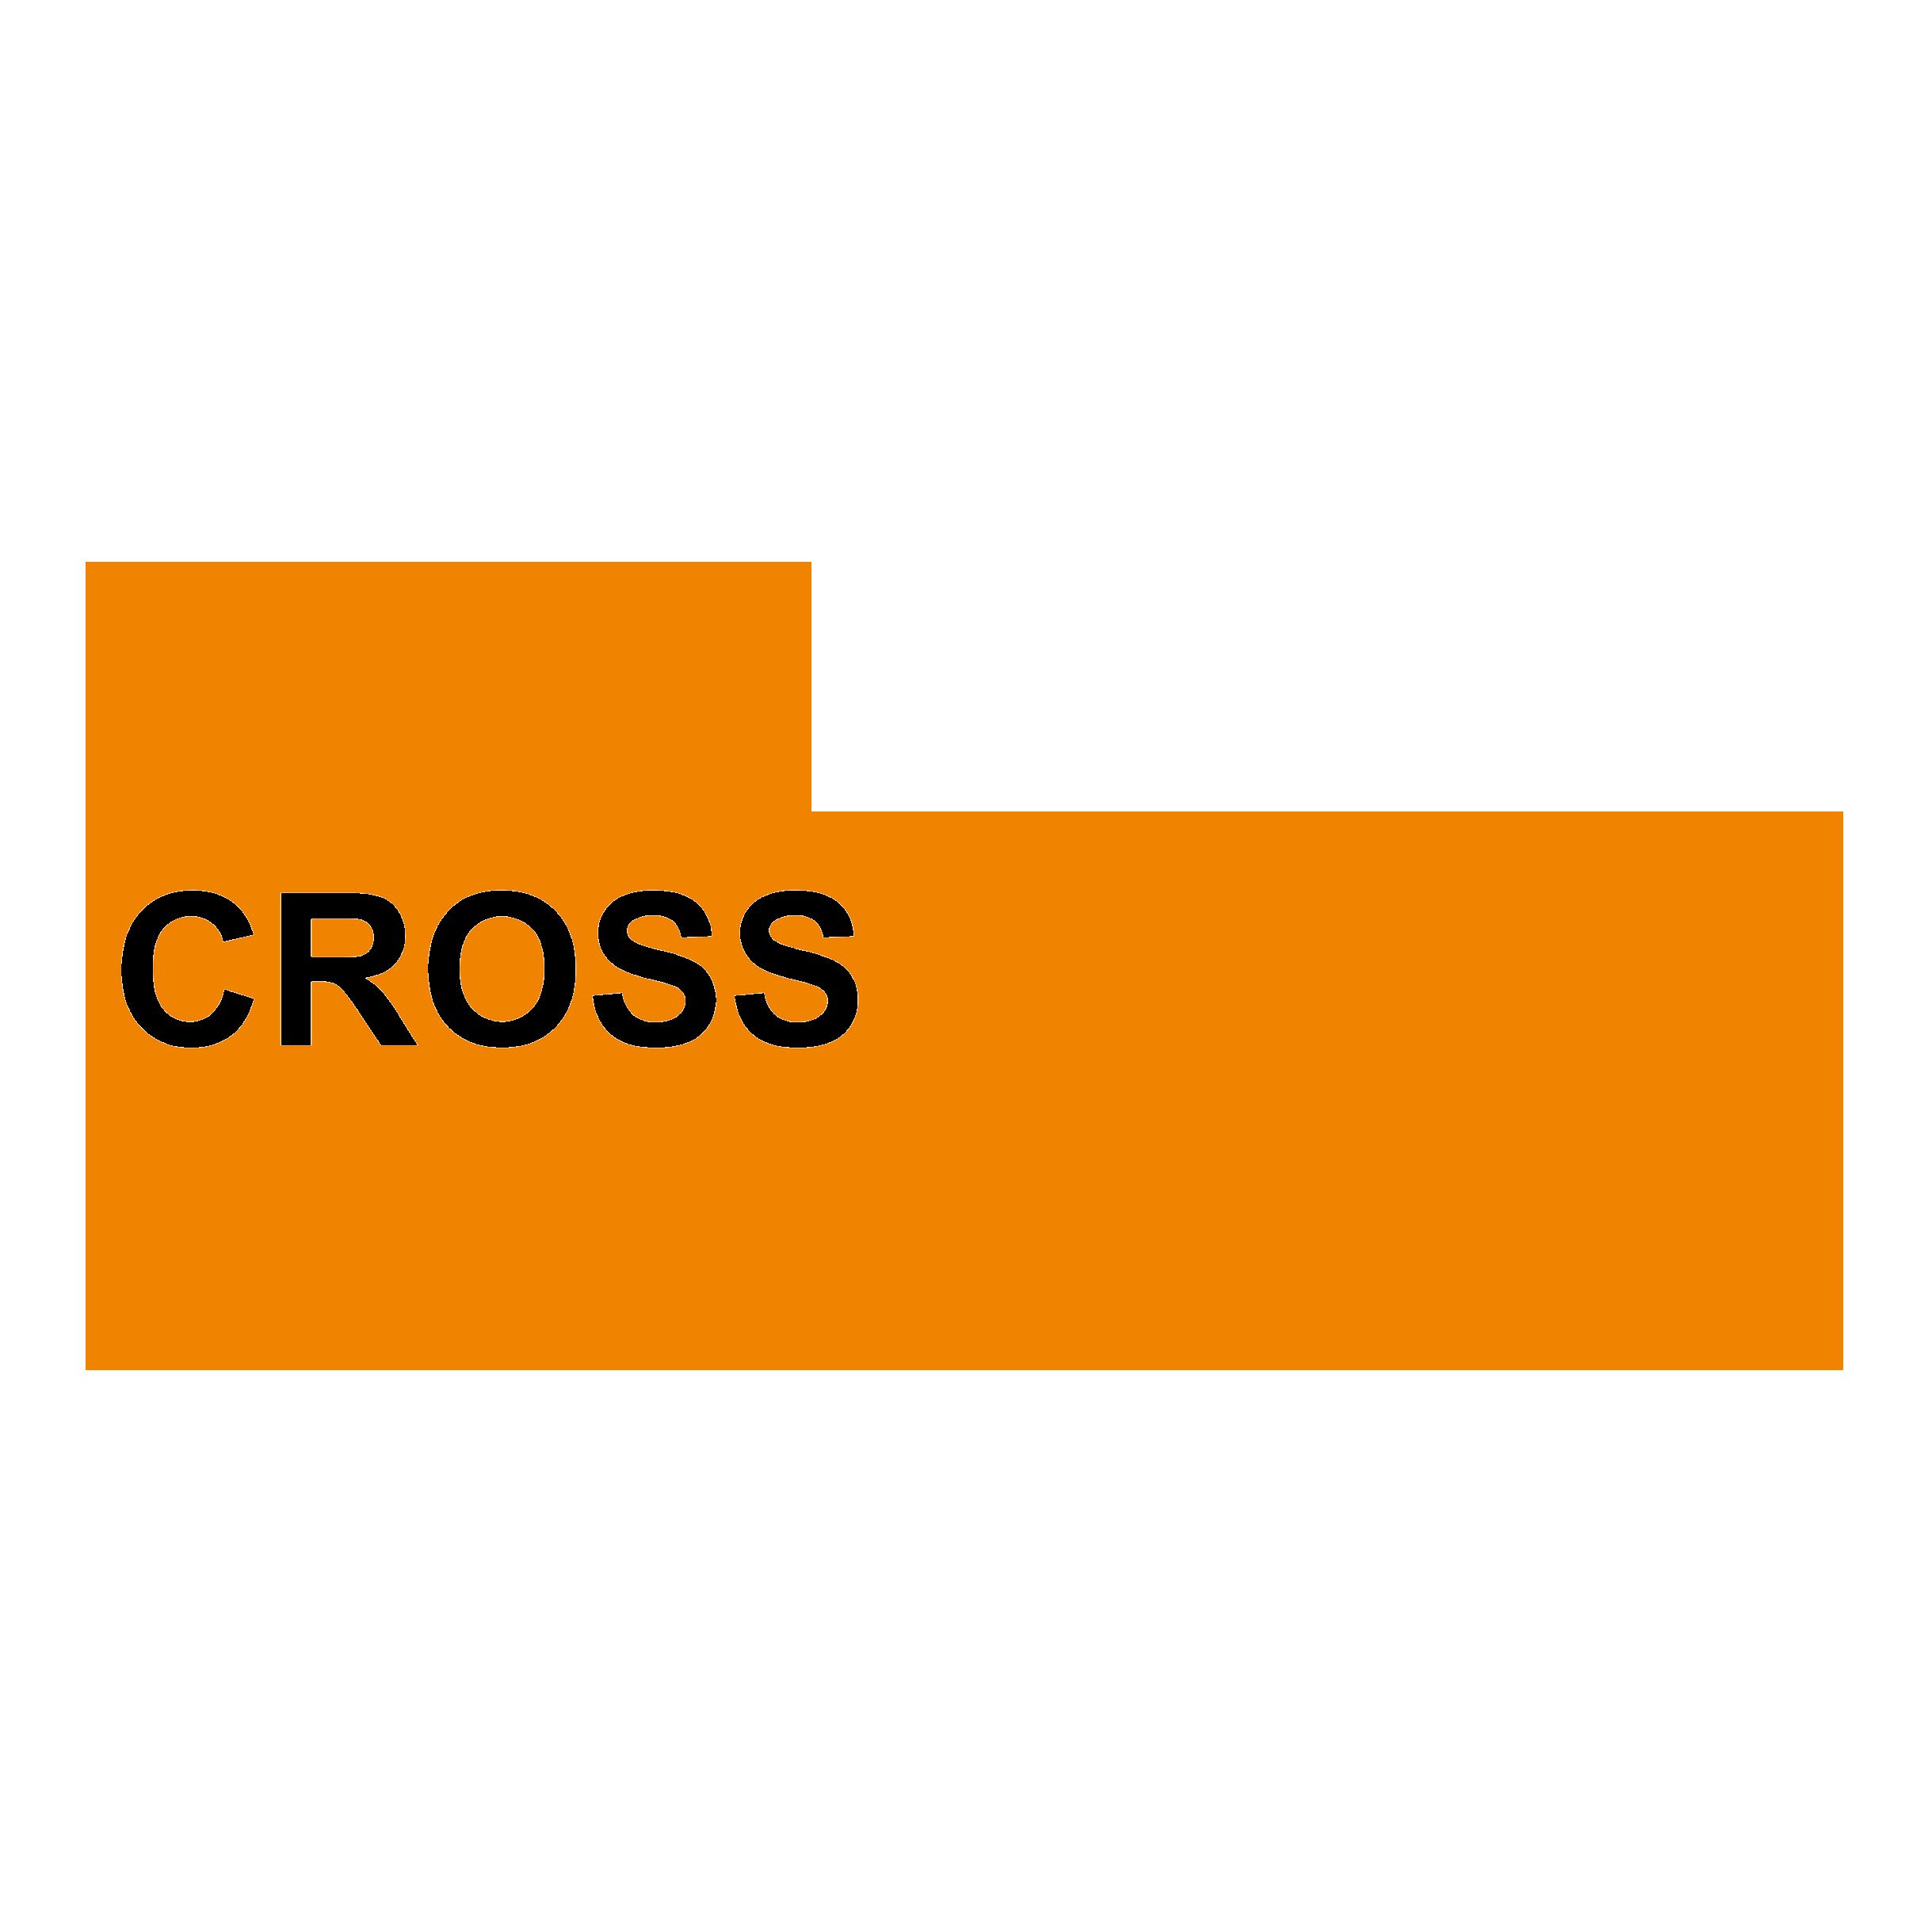 クロスオレンジ ロゴ